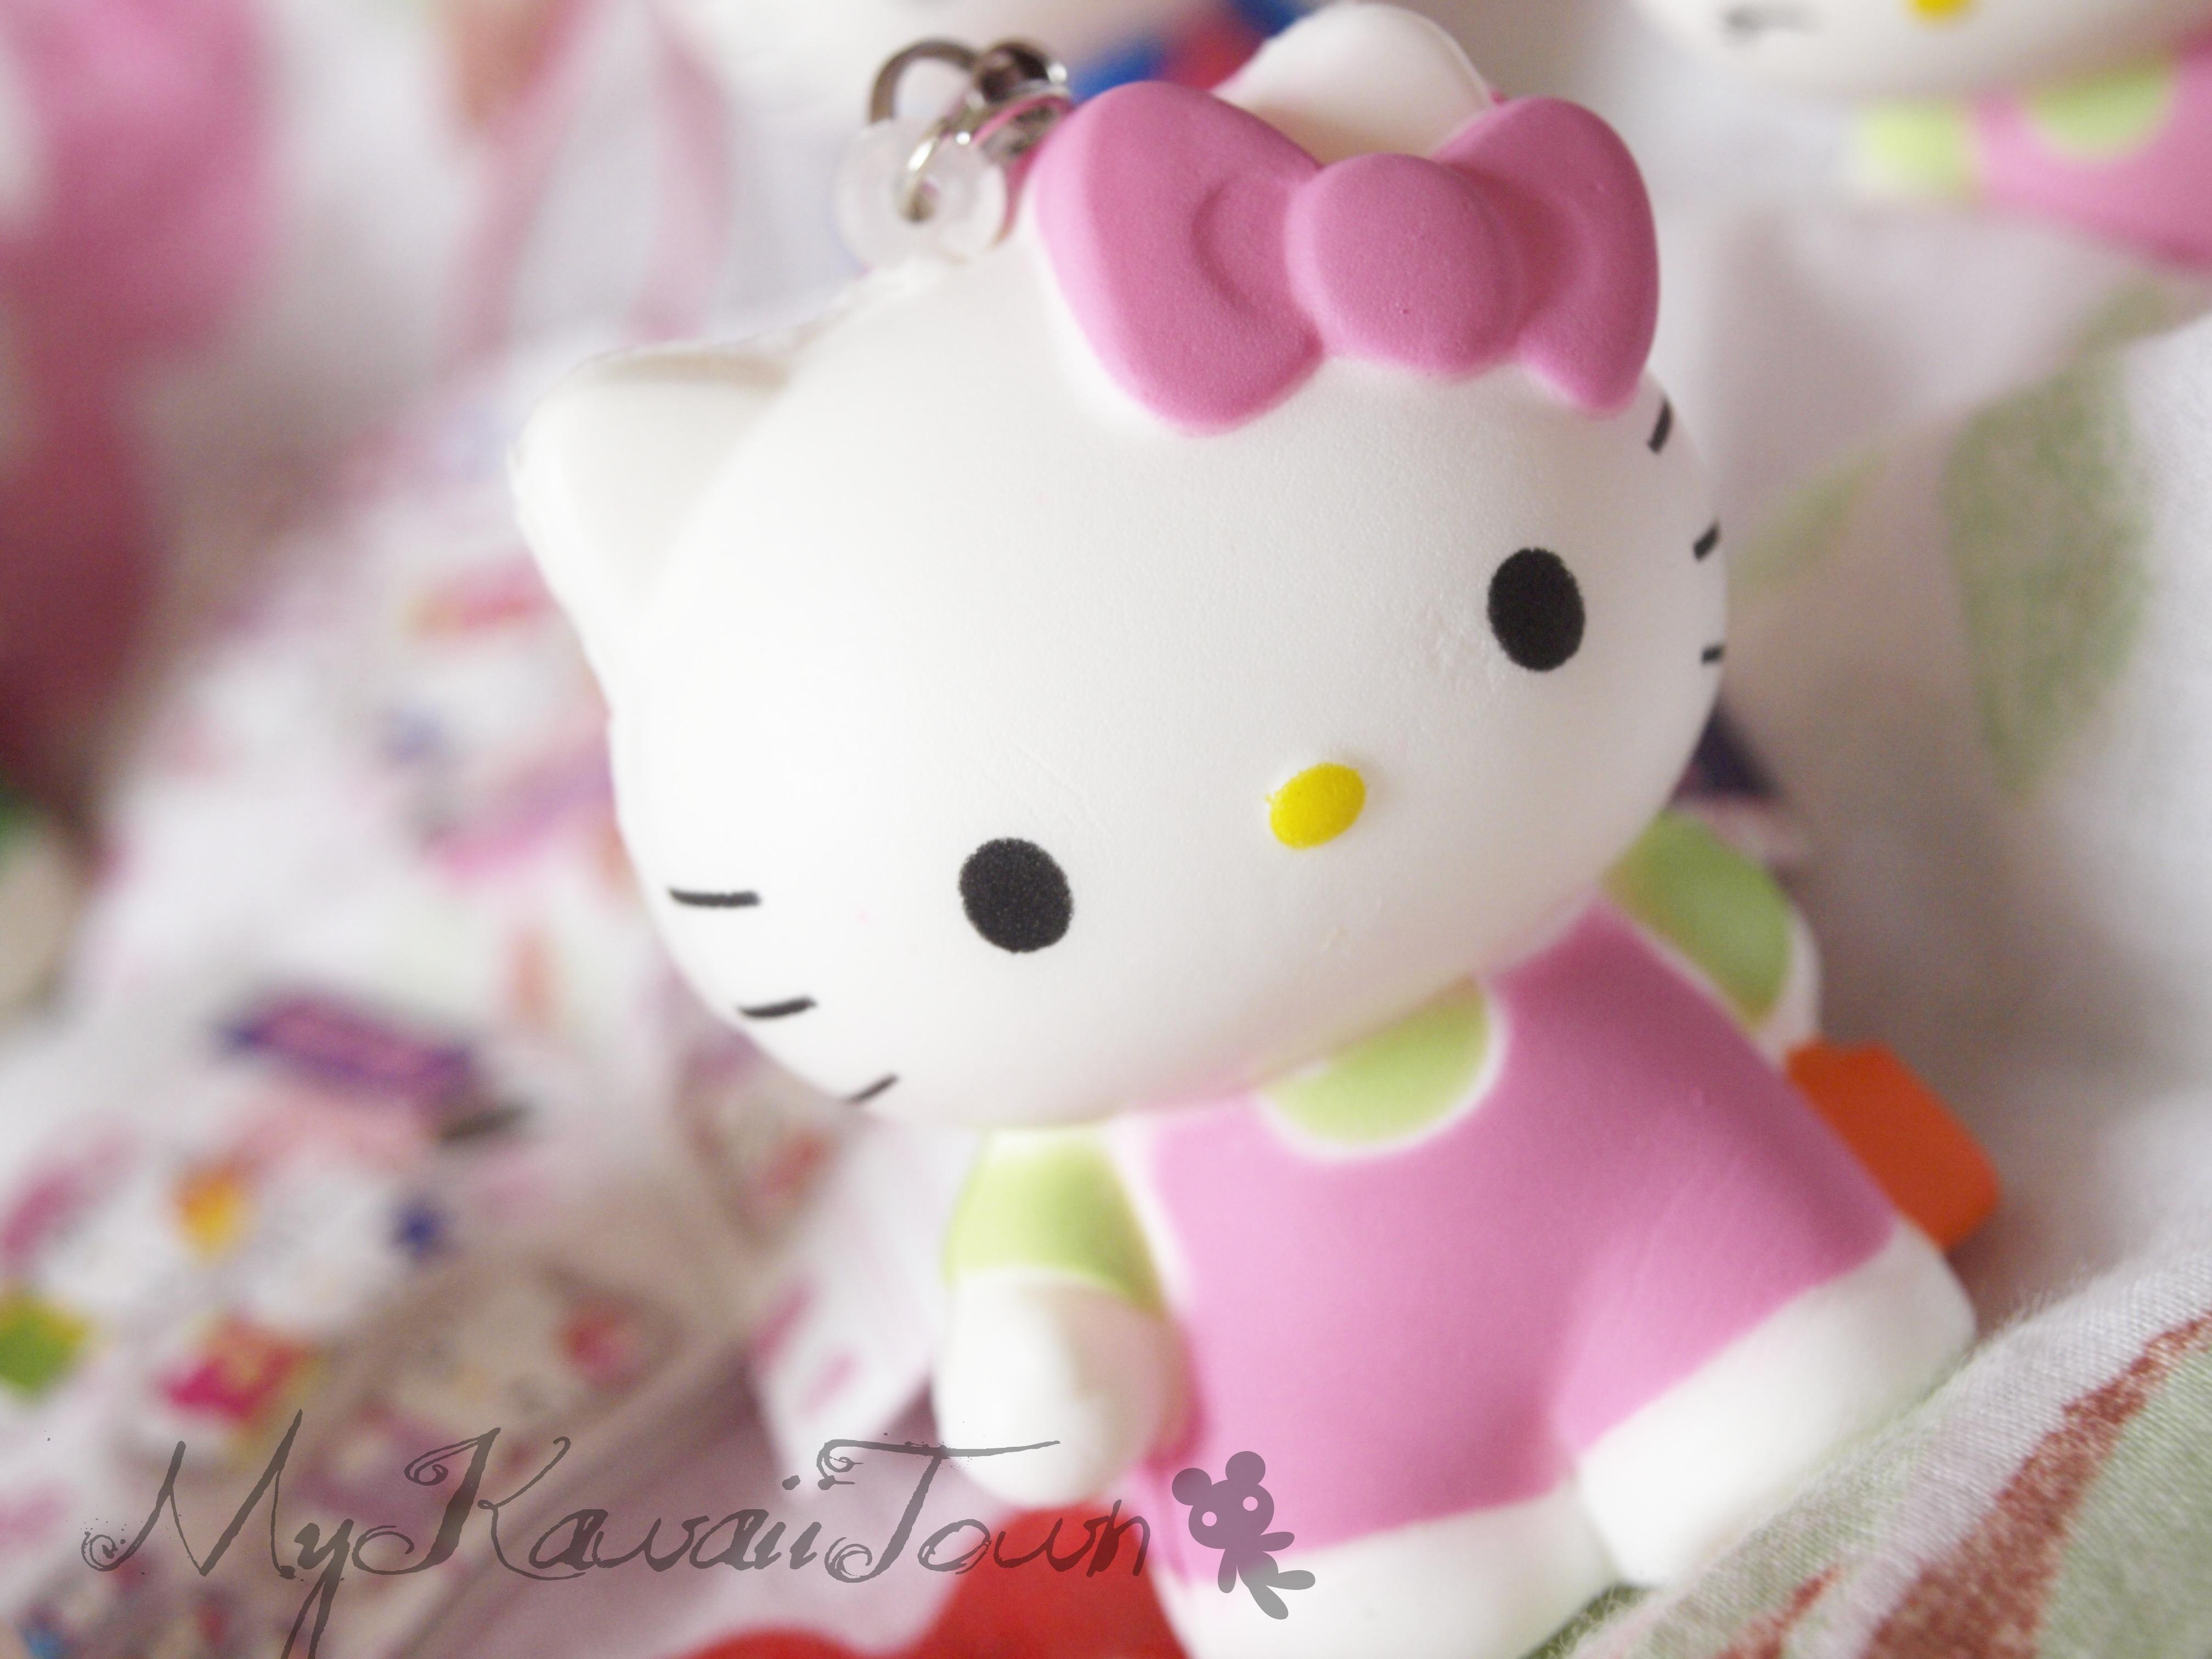 Mykawaiitown : Squishy Hello-Kitty Mascot #2 : Online Store Powered by ...